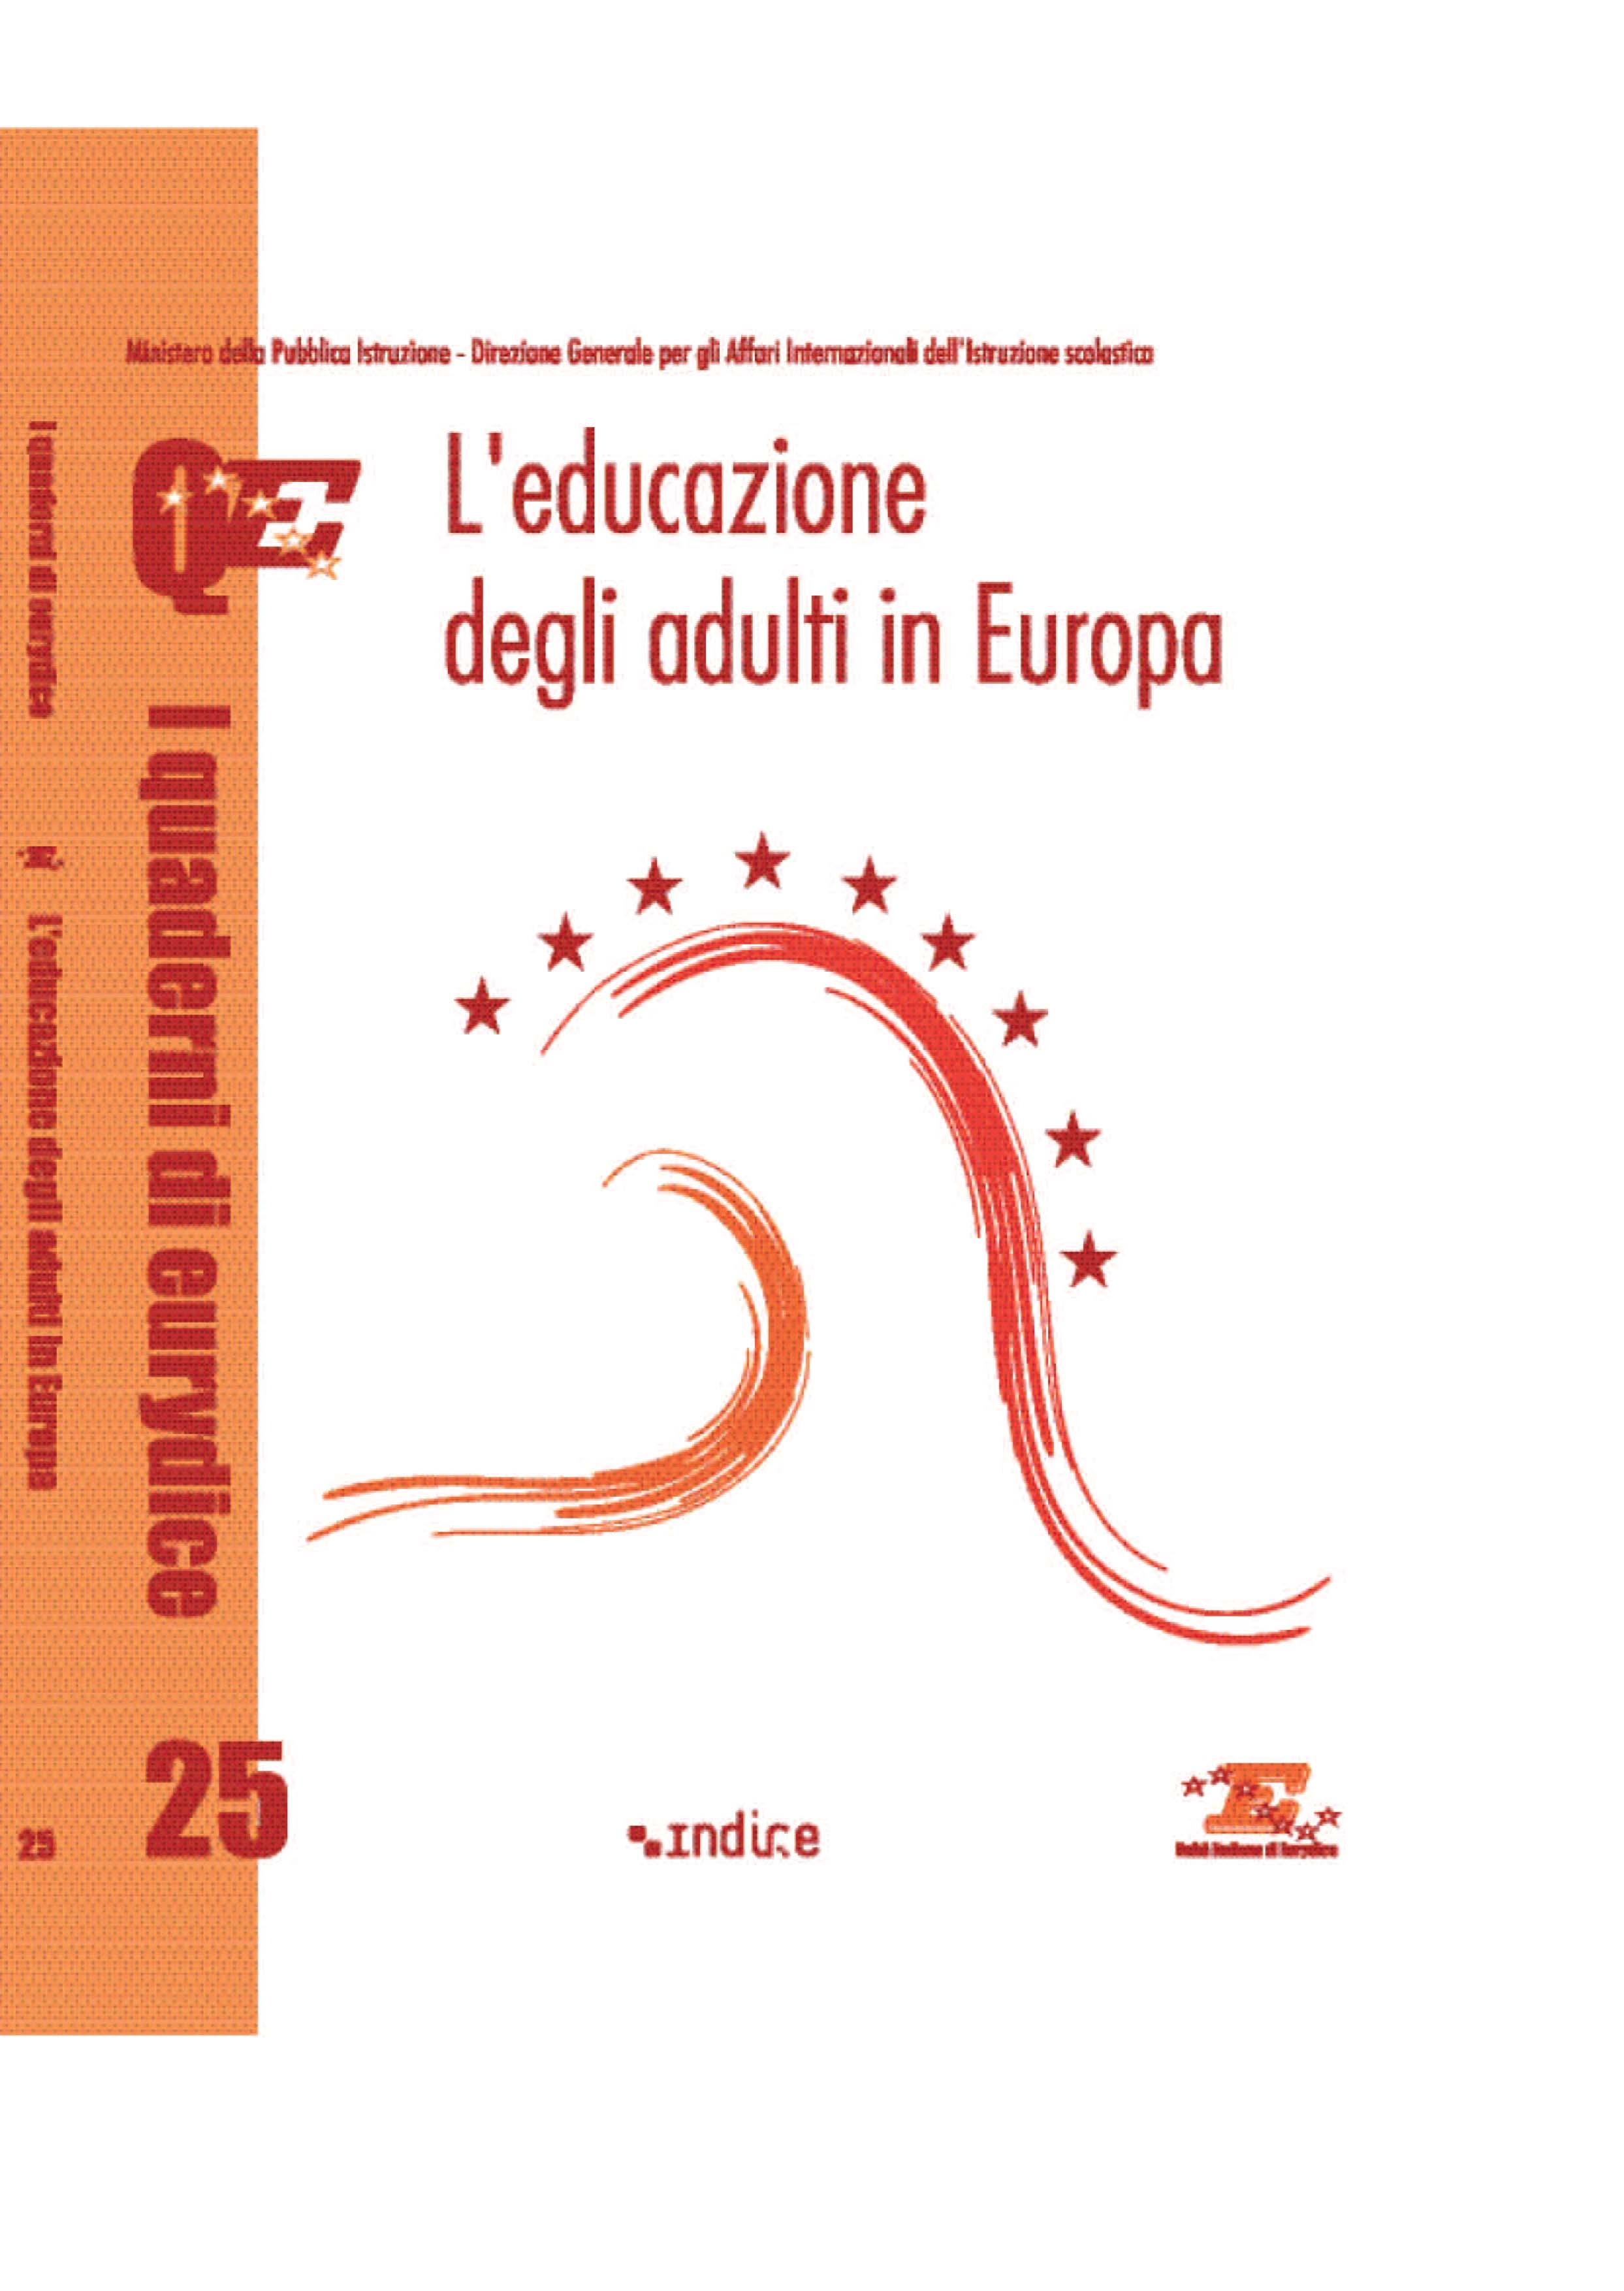 copertina_quaderno_educazione_adulti_2005